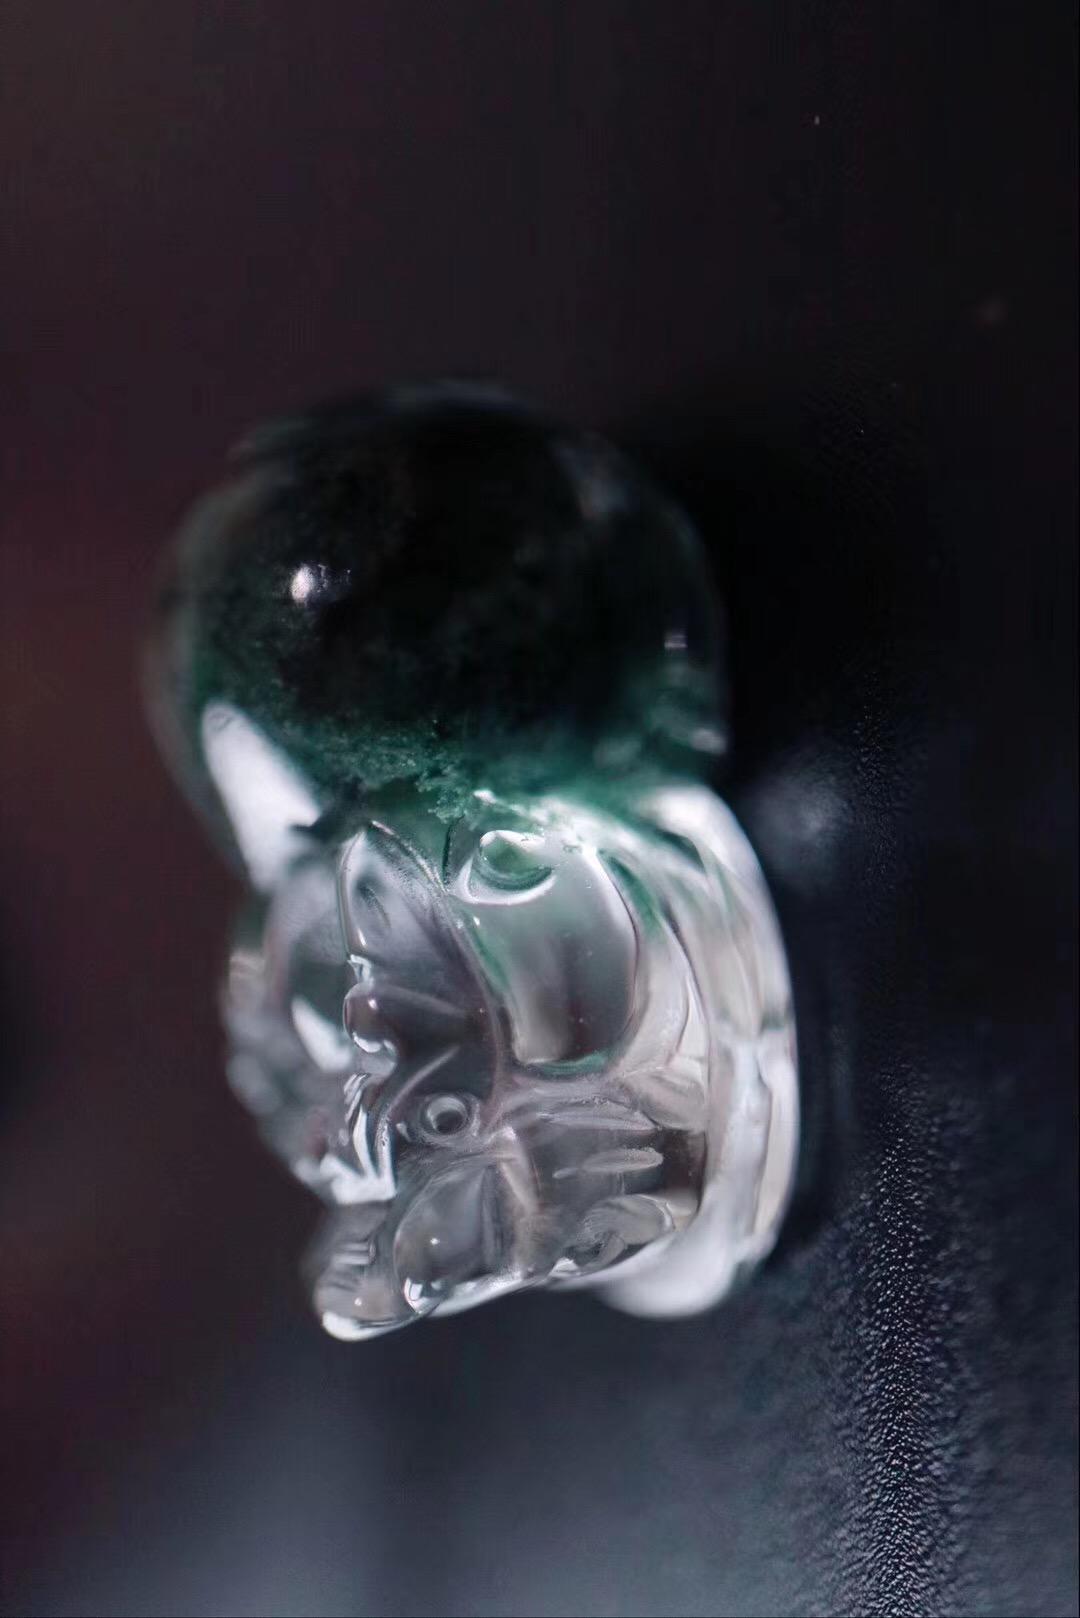 【菩心 | 极品绿幽灵貔貅】极具灵气,愿你把梦找到,过得更好-菩心晶舍